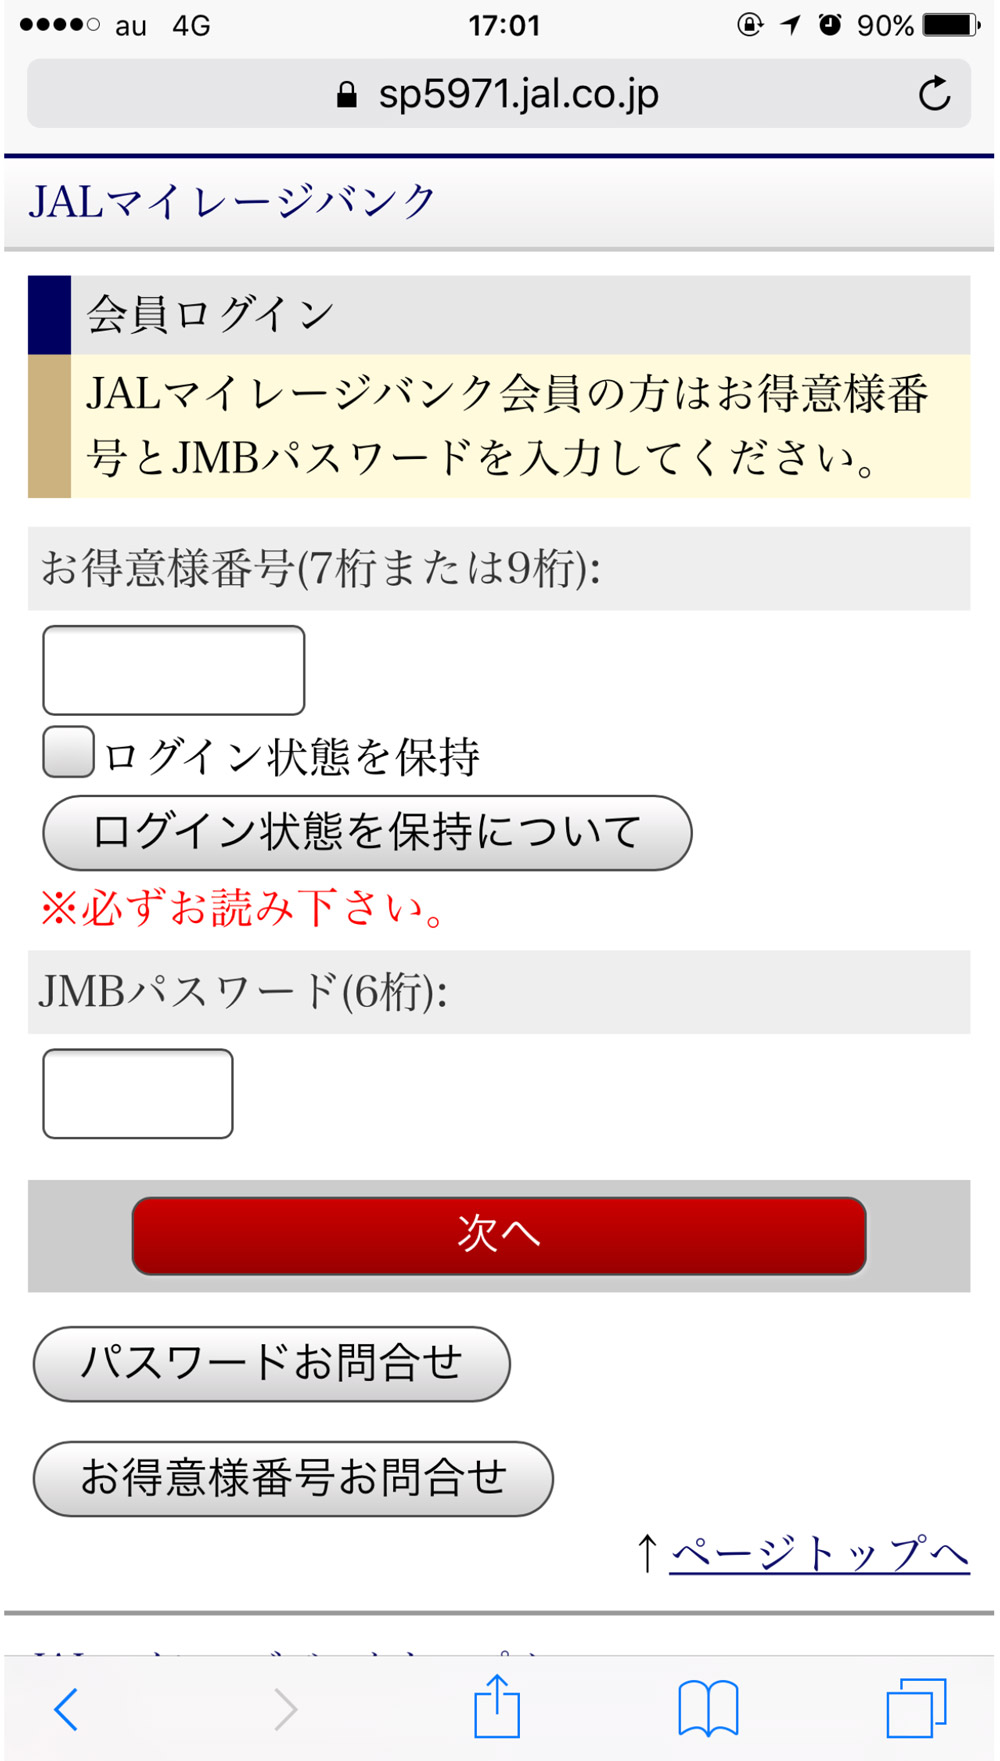 JAL スマホサイト ログイン画面